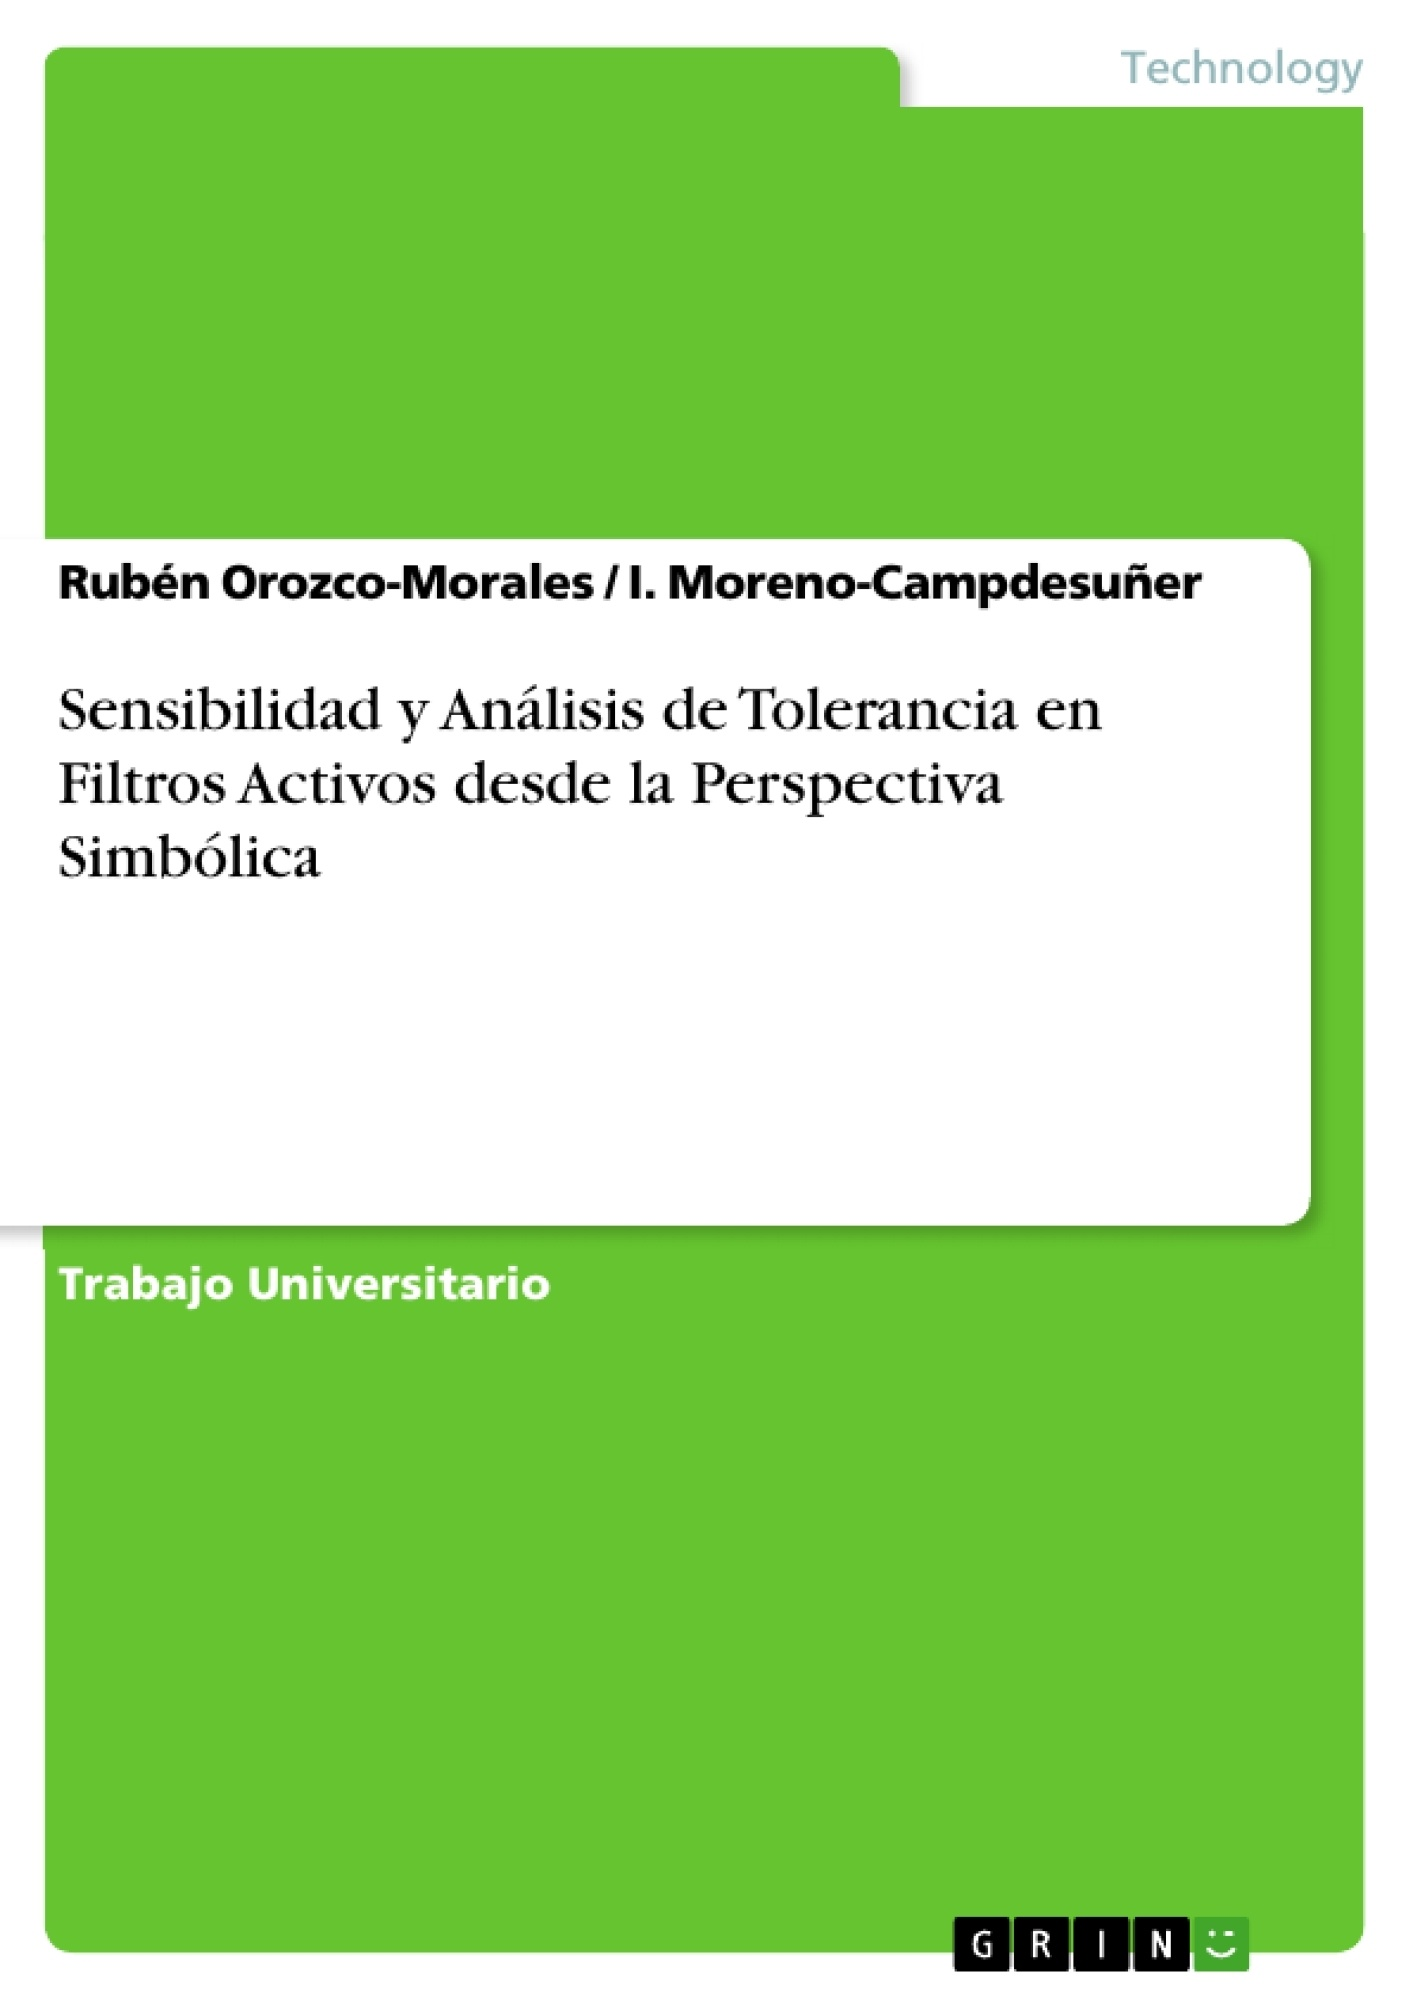 Título: Sensibilidad y Análisis de Tolerancia en Filtros Activos desde la Perspectiva Simbólica